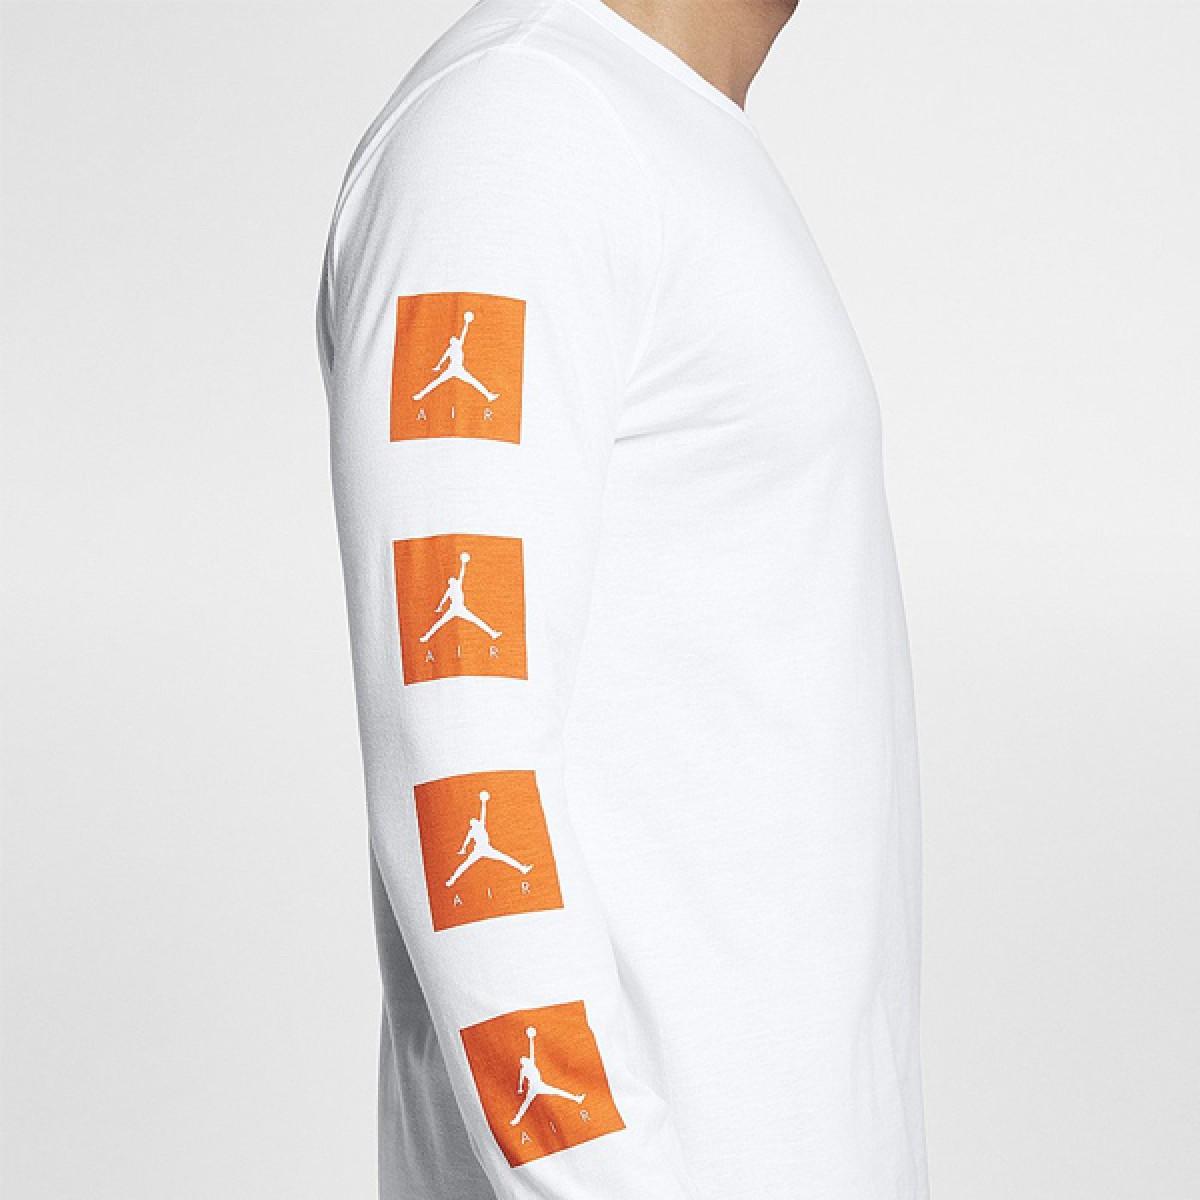 Jordan 'Be Like Mike' Long-Sleeve T-Shirt 'White' AJ1167-100